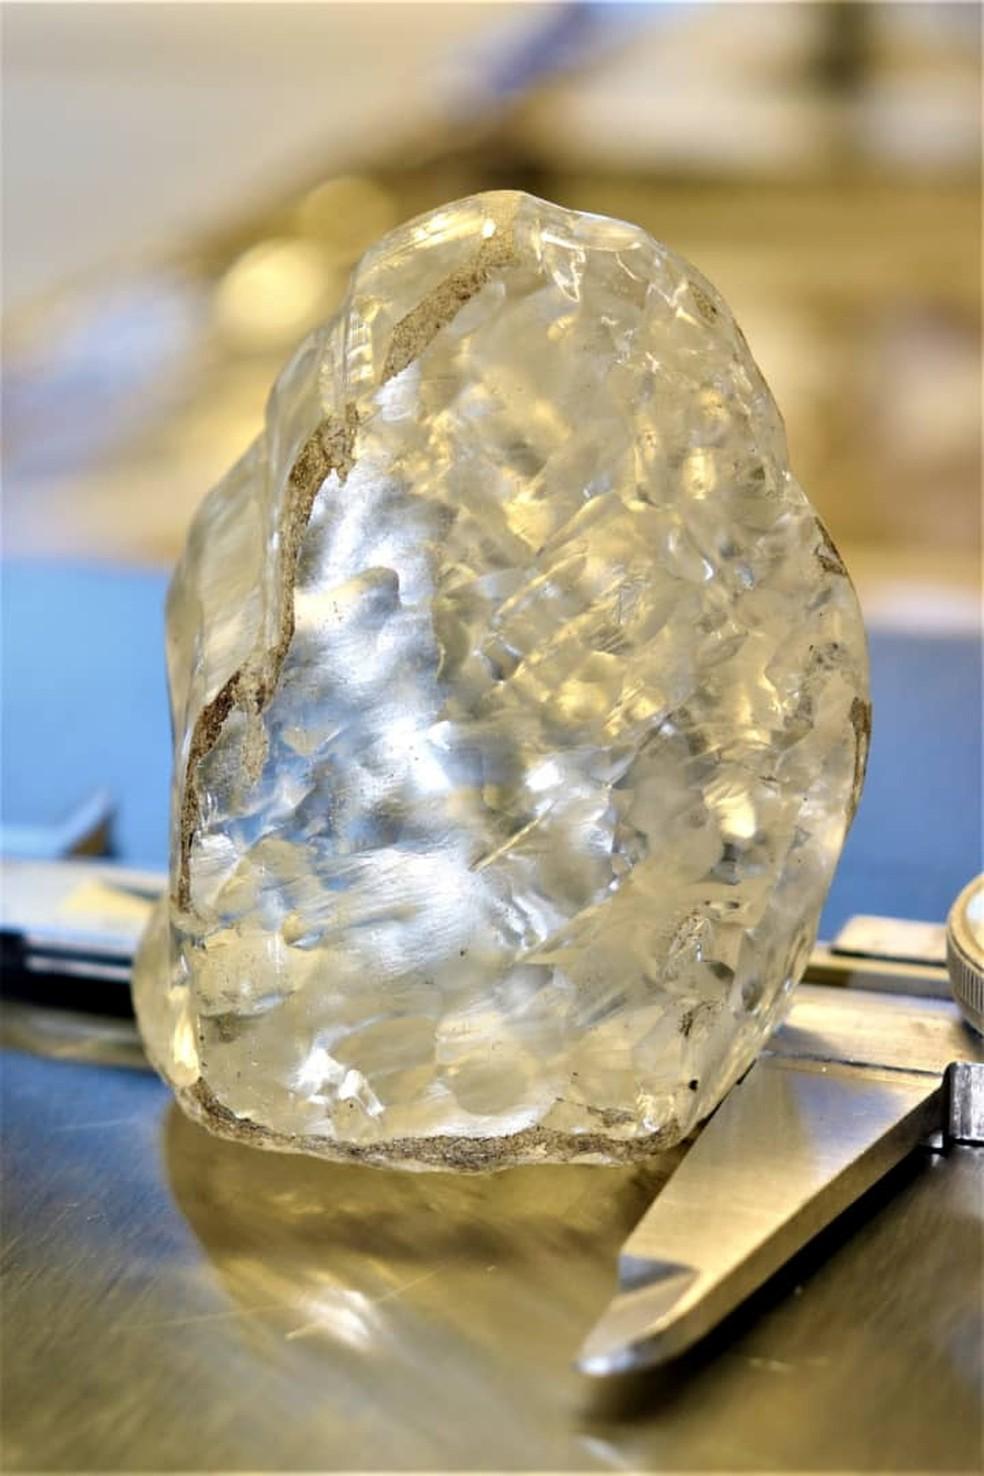 Diamante de 1.098 quilates descoberto em Botswana é considerado a 3ª maior pedra de qualidade já extraída no mundo — Foto: Debswana Diamond Company via Reuters